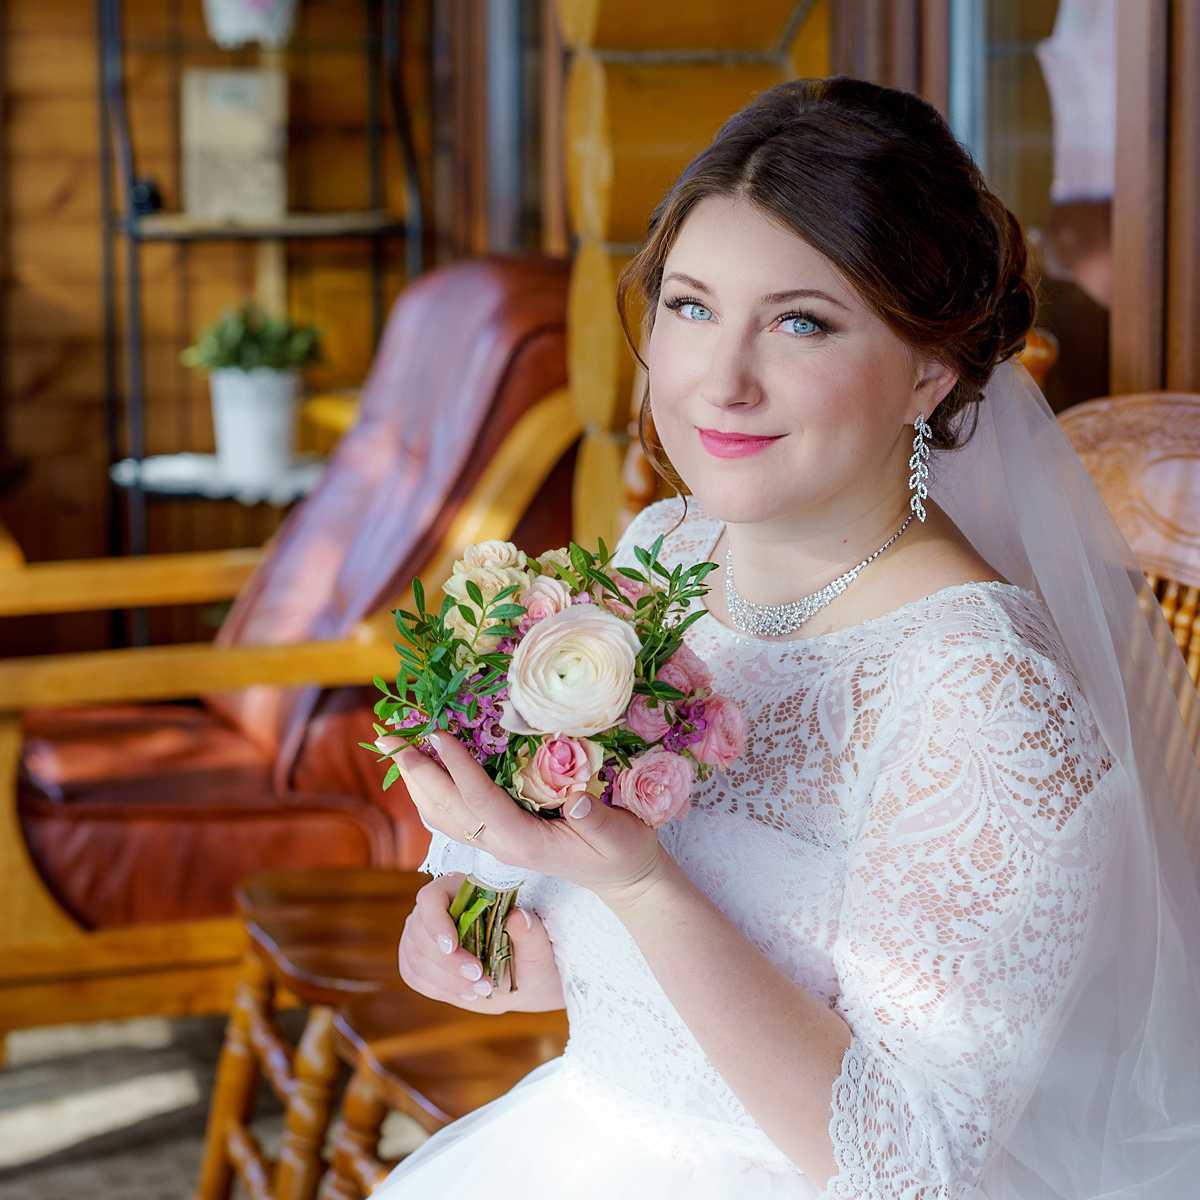 фотосъемка полнфых невест